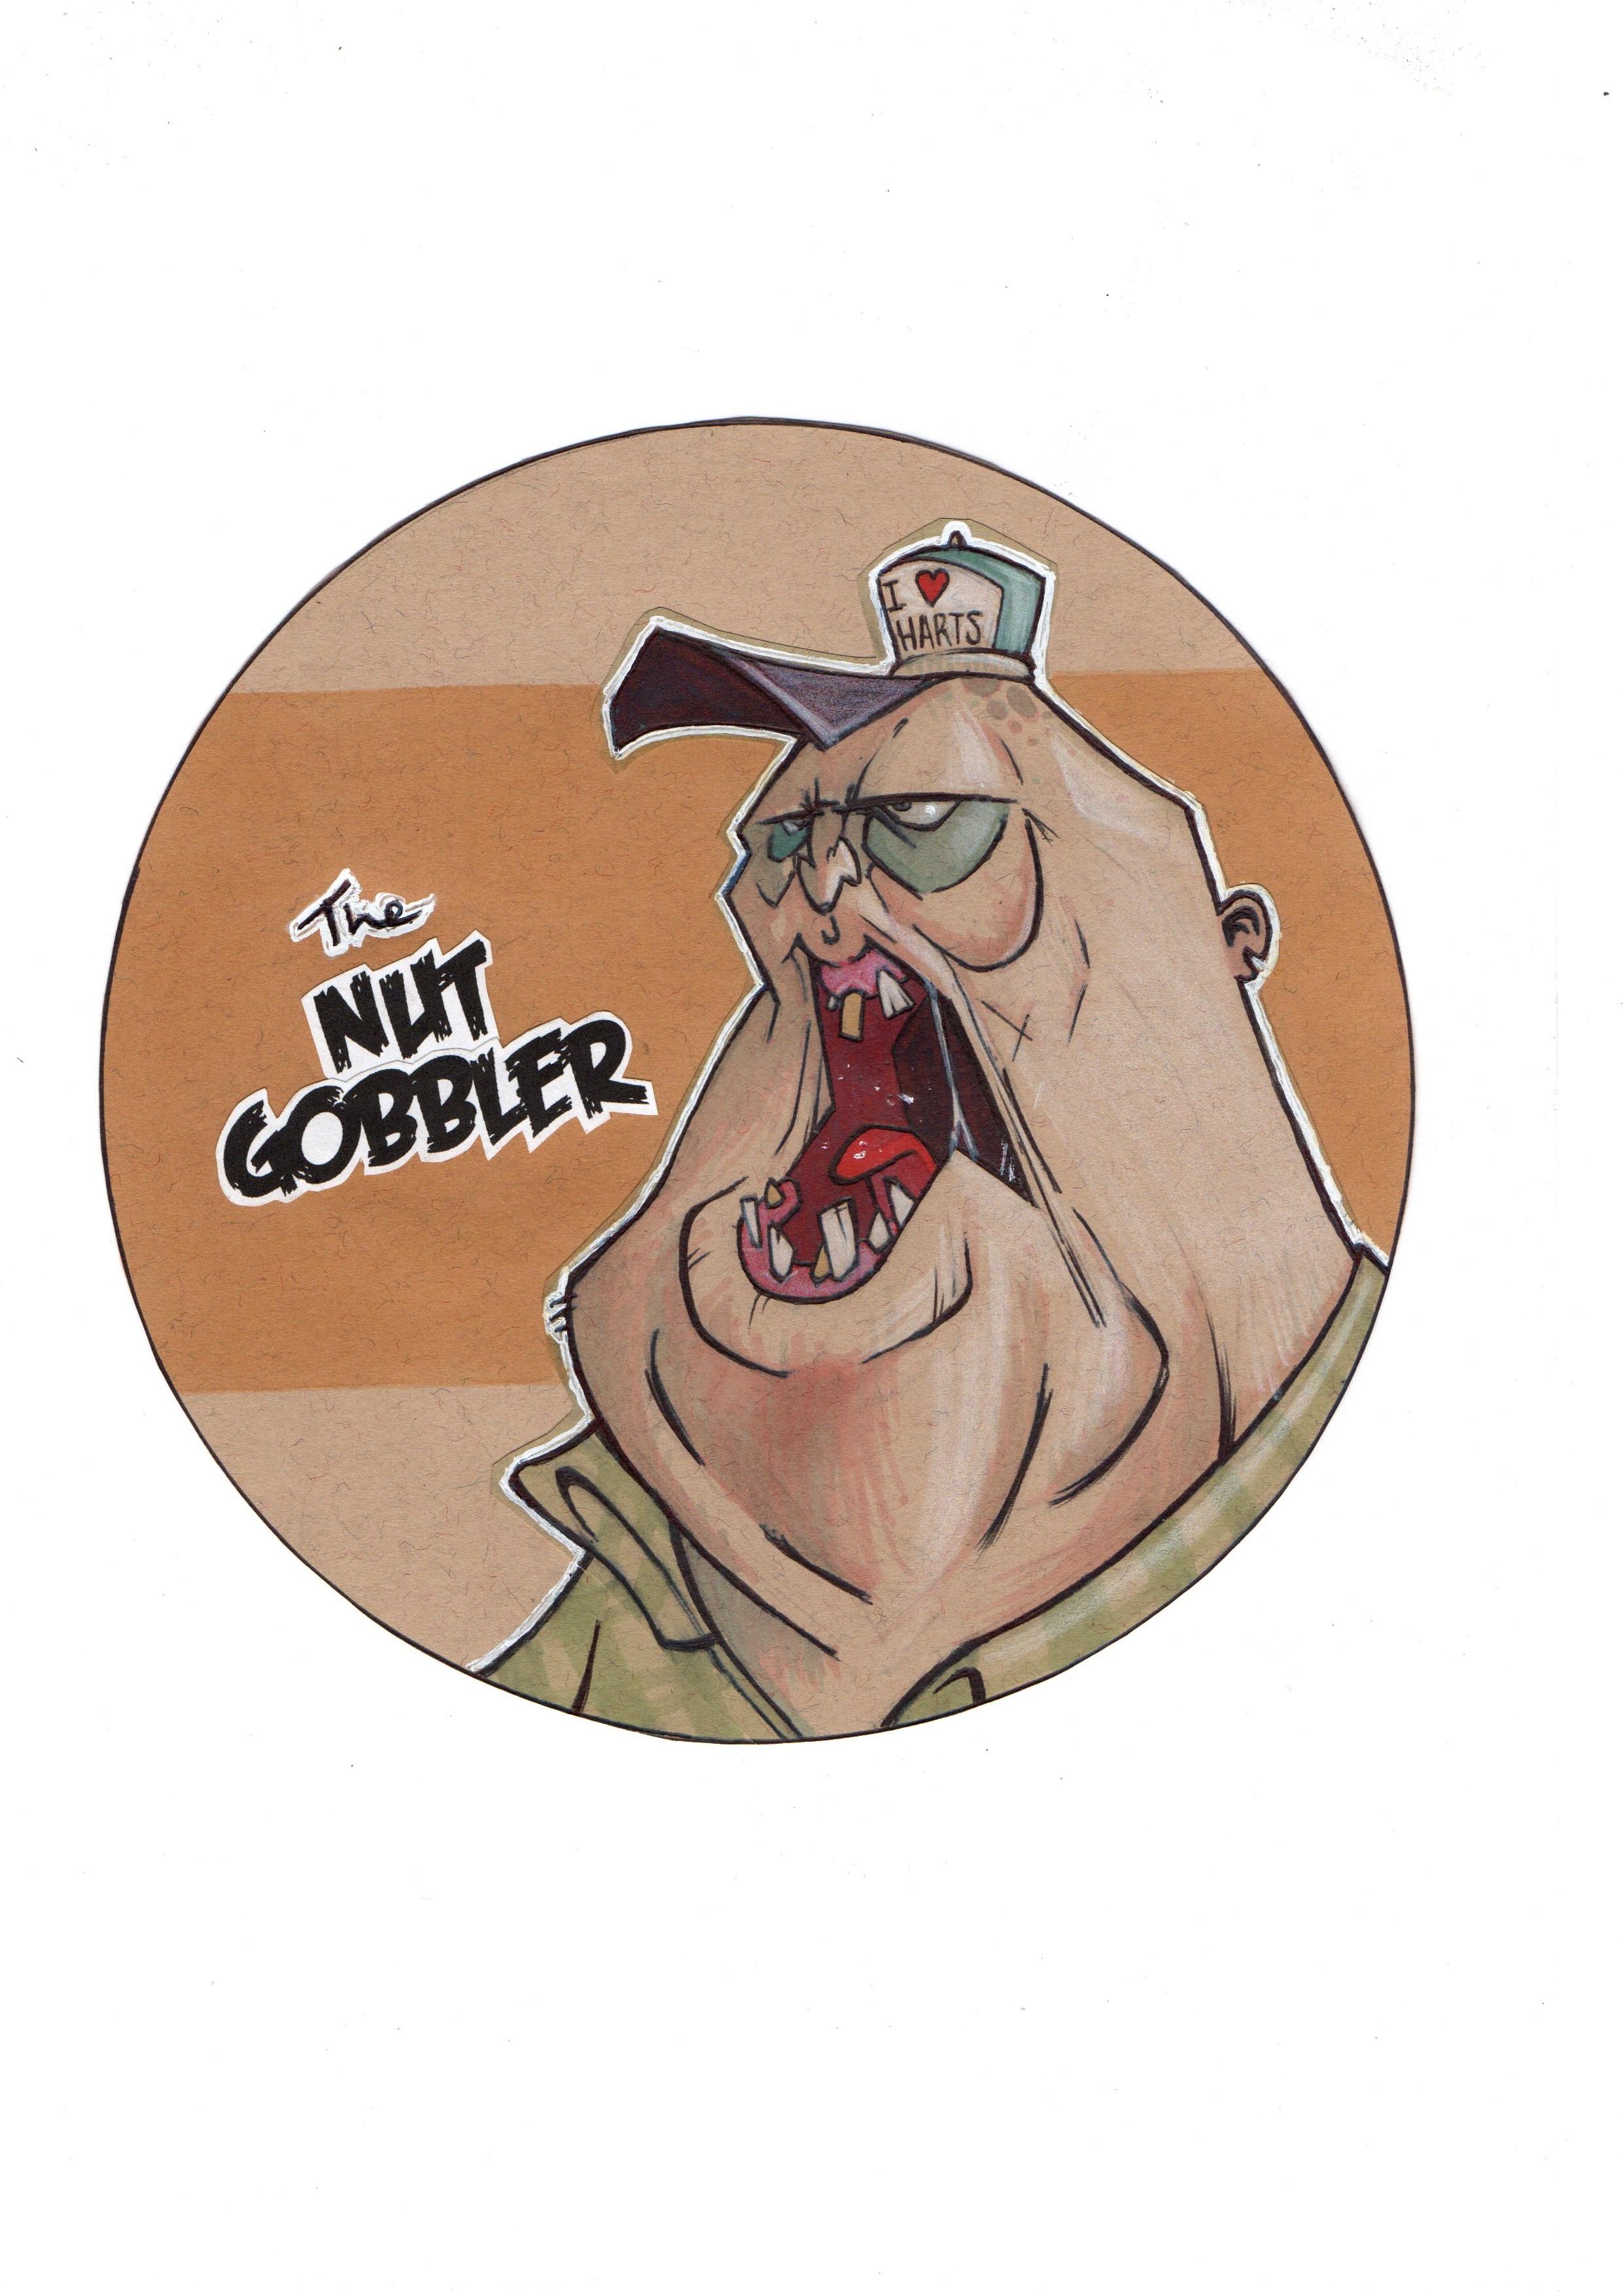 The-Nut-Gobbler